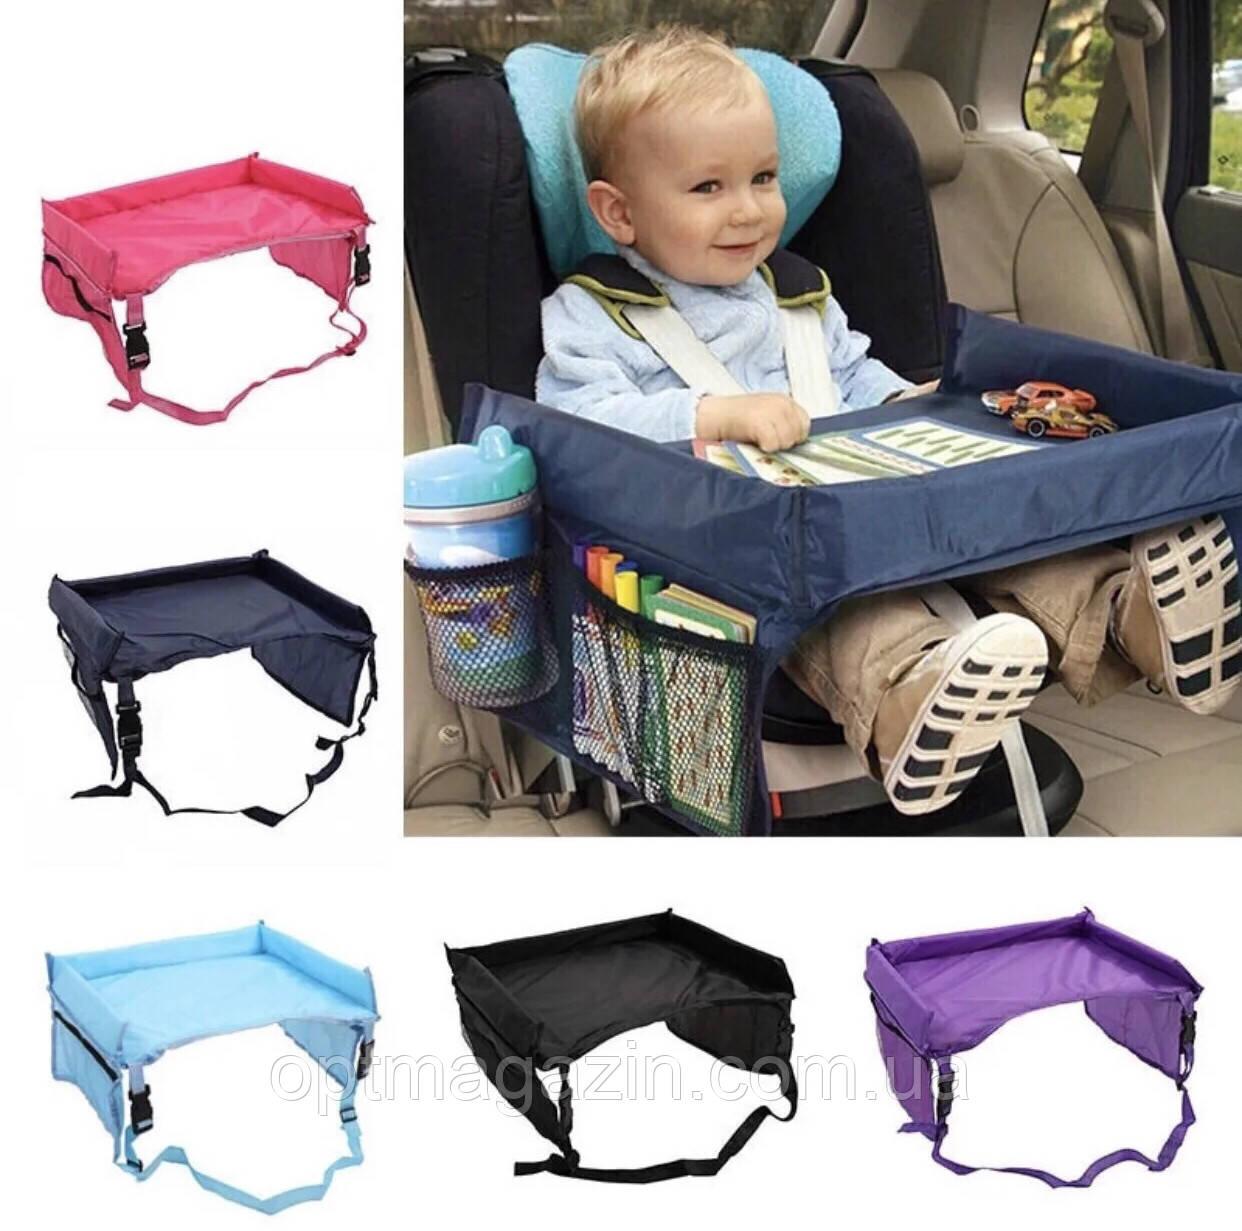 Стол в авто для ребёнка Детский столик на автокресло